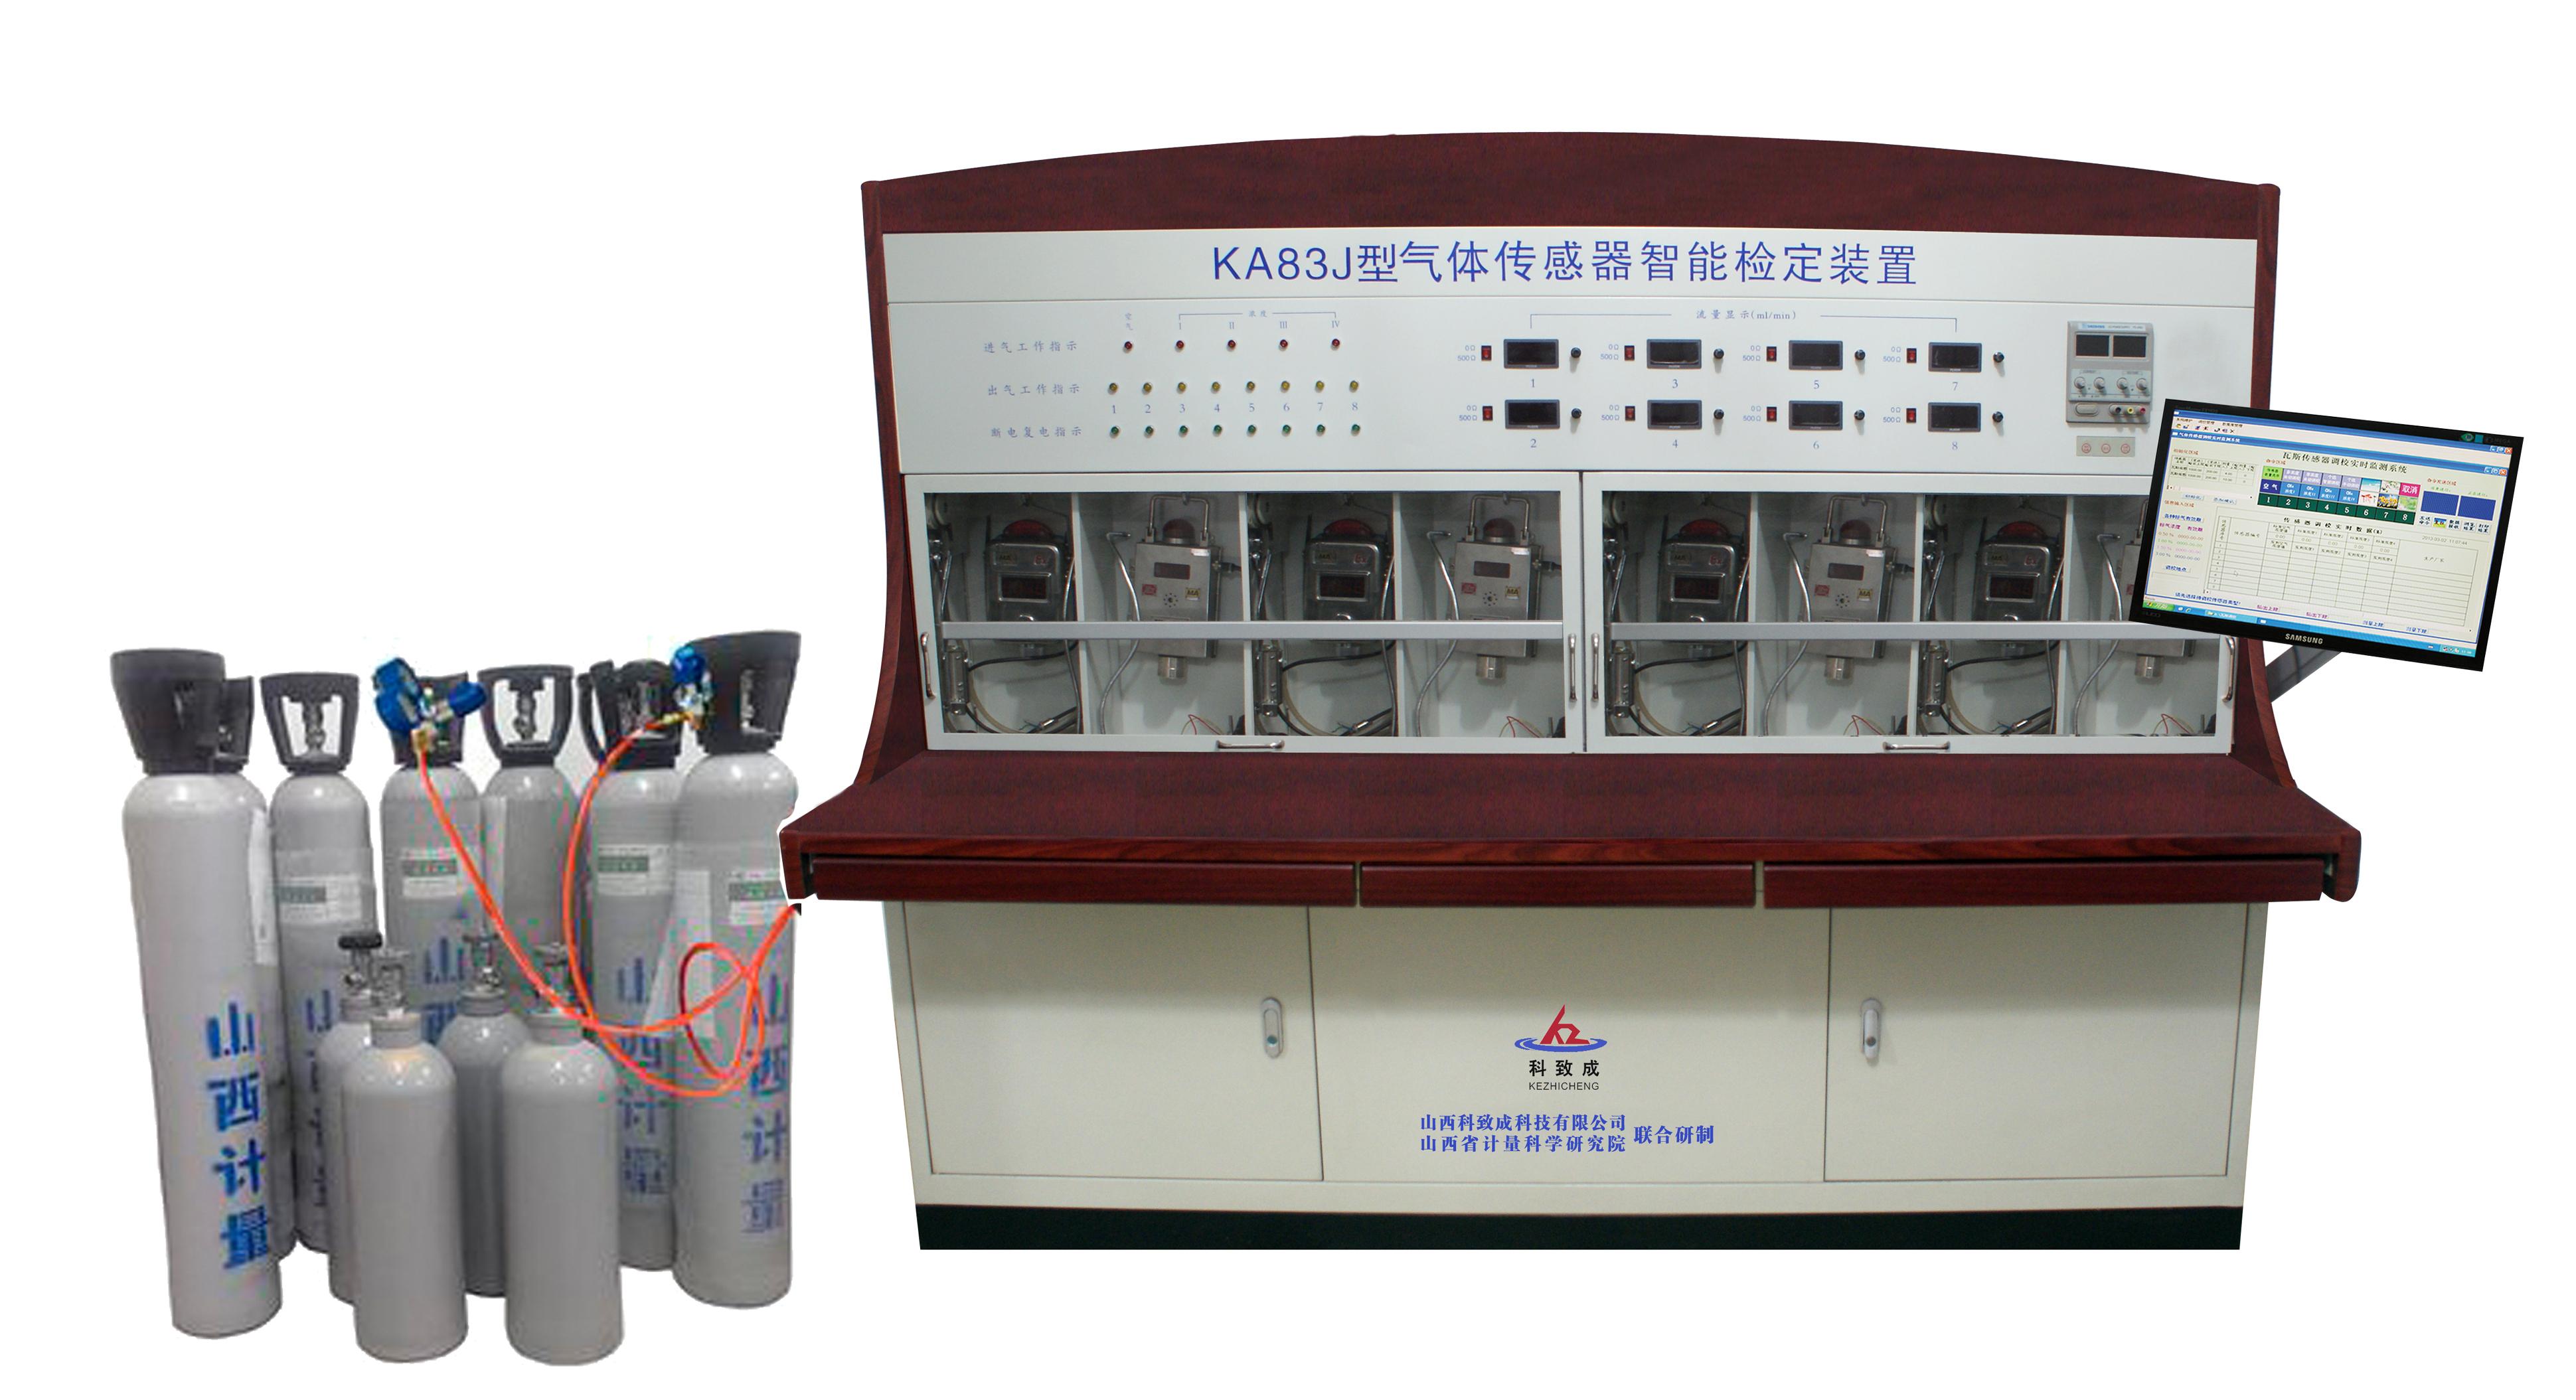 KA83J型气体传感器智能必威官网亚洲体育装置he1